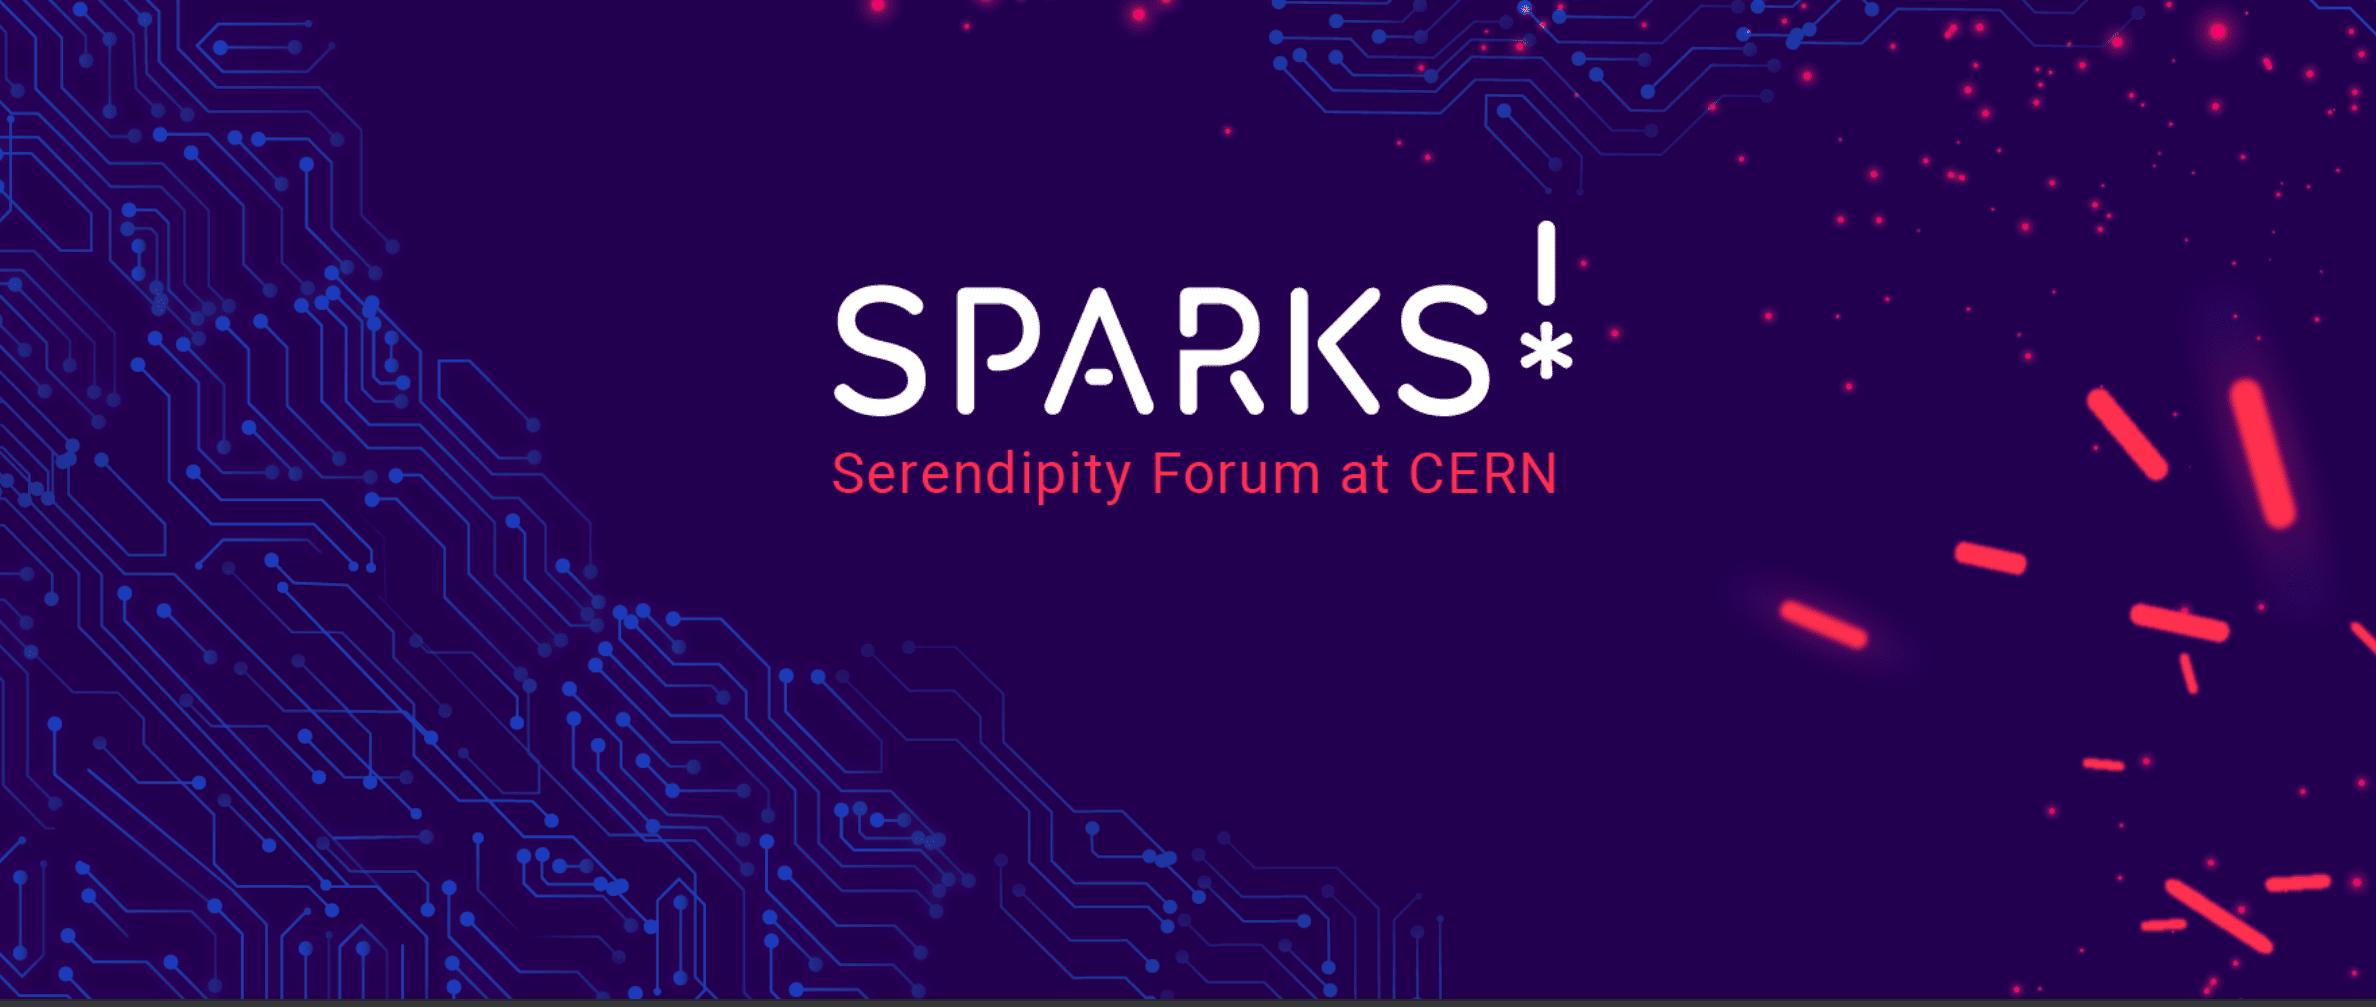 Sparks!: il primo forum multidisciplinare sull'innovazione organizzato dal CERN